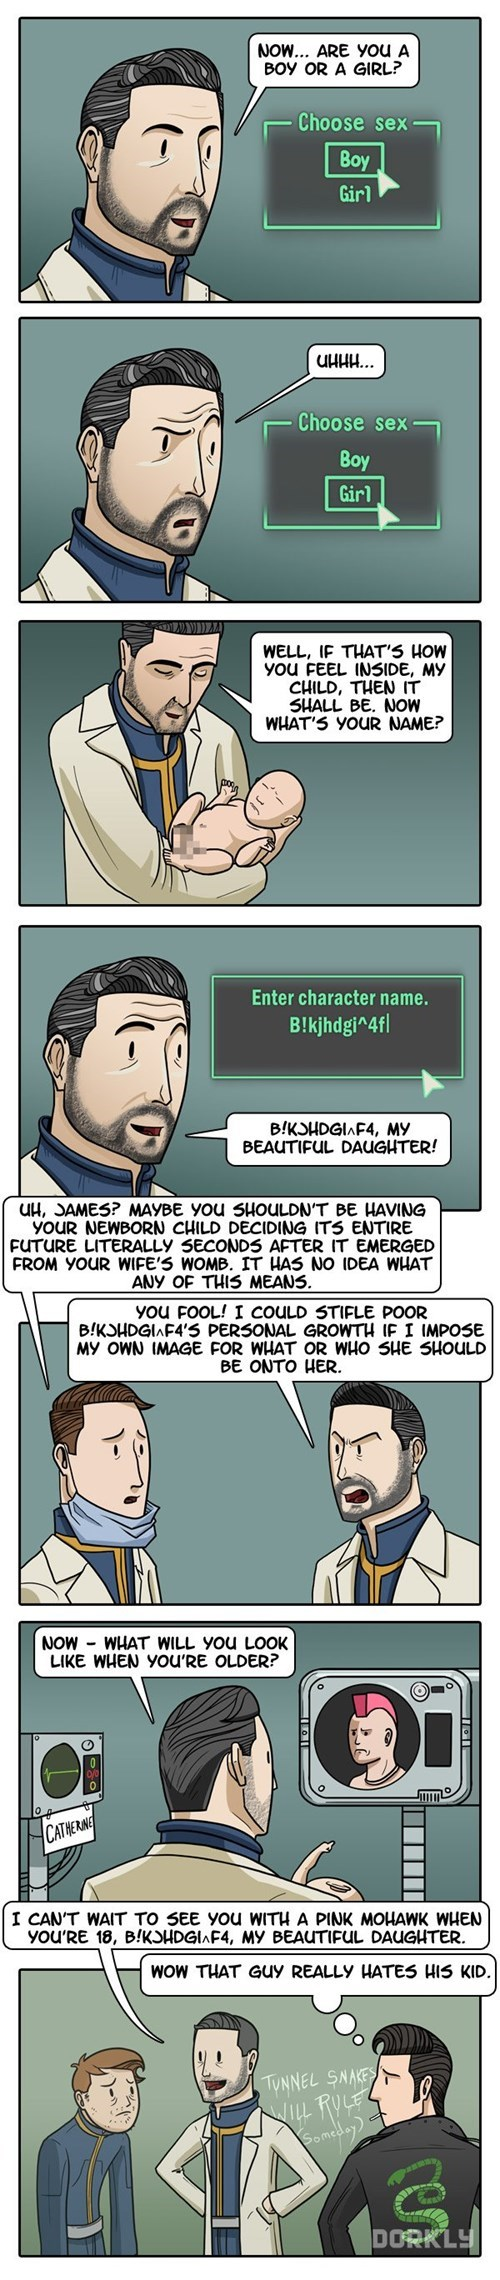 dorkly fallout web comics - 8015431936